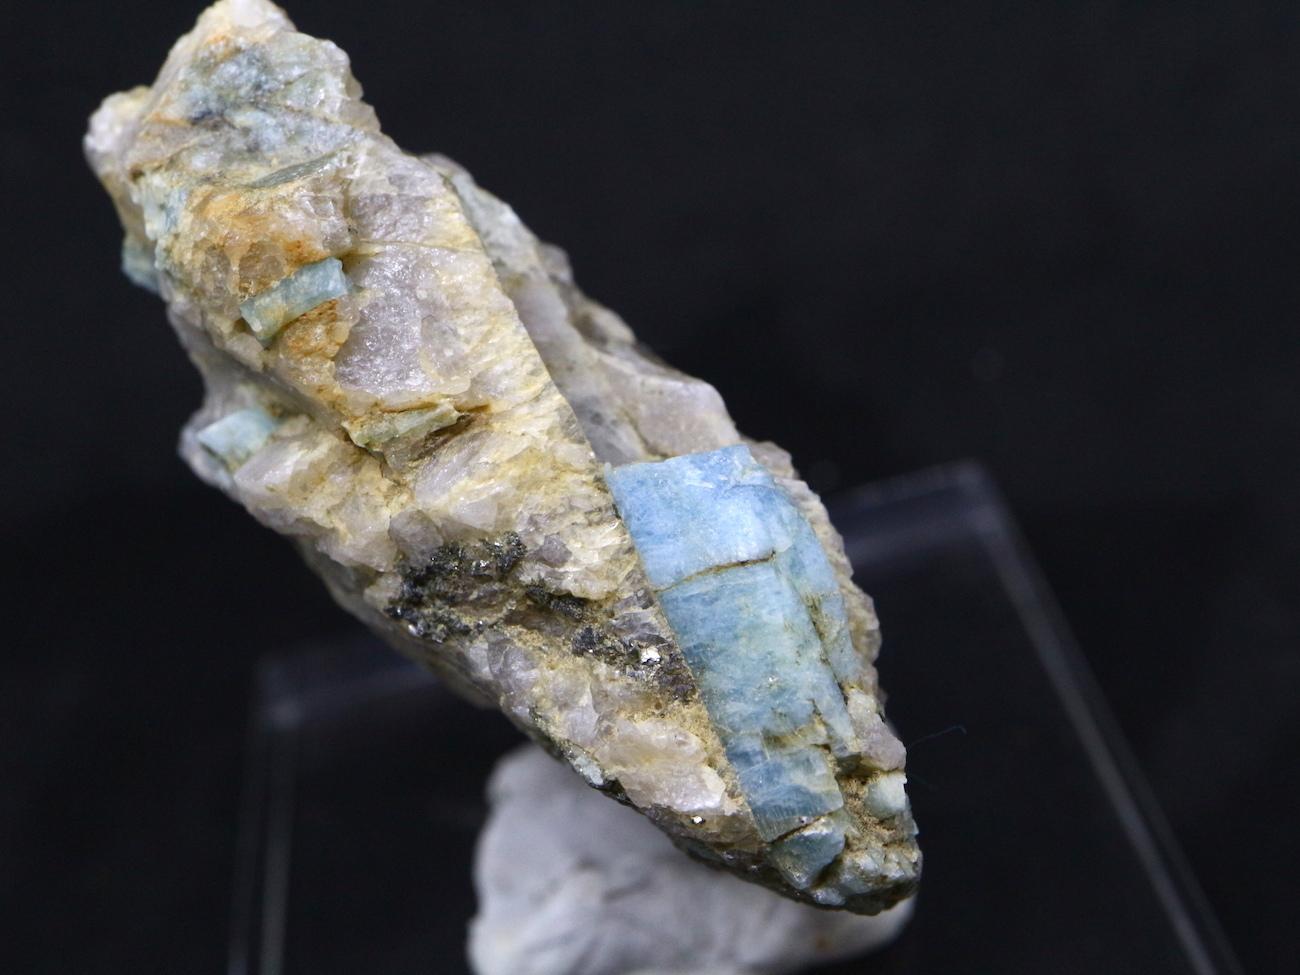 ブルーベリルアクアマリン カリフォルニア産  35,3g 原石 AQ055 鉱物 原石 天然石 パワーストーン